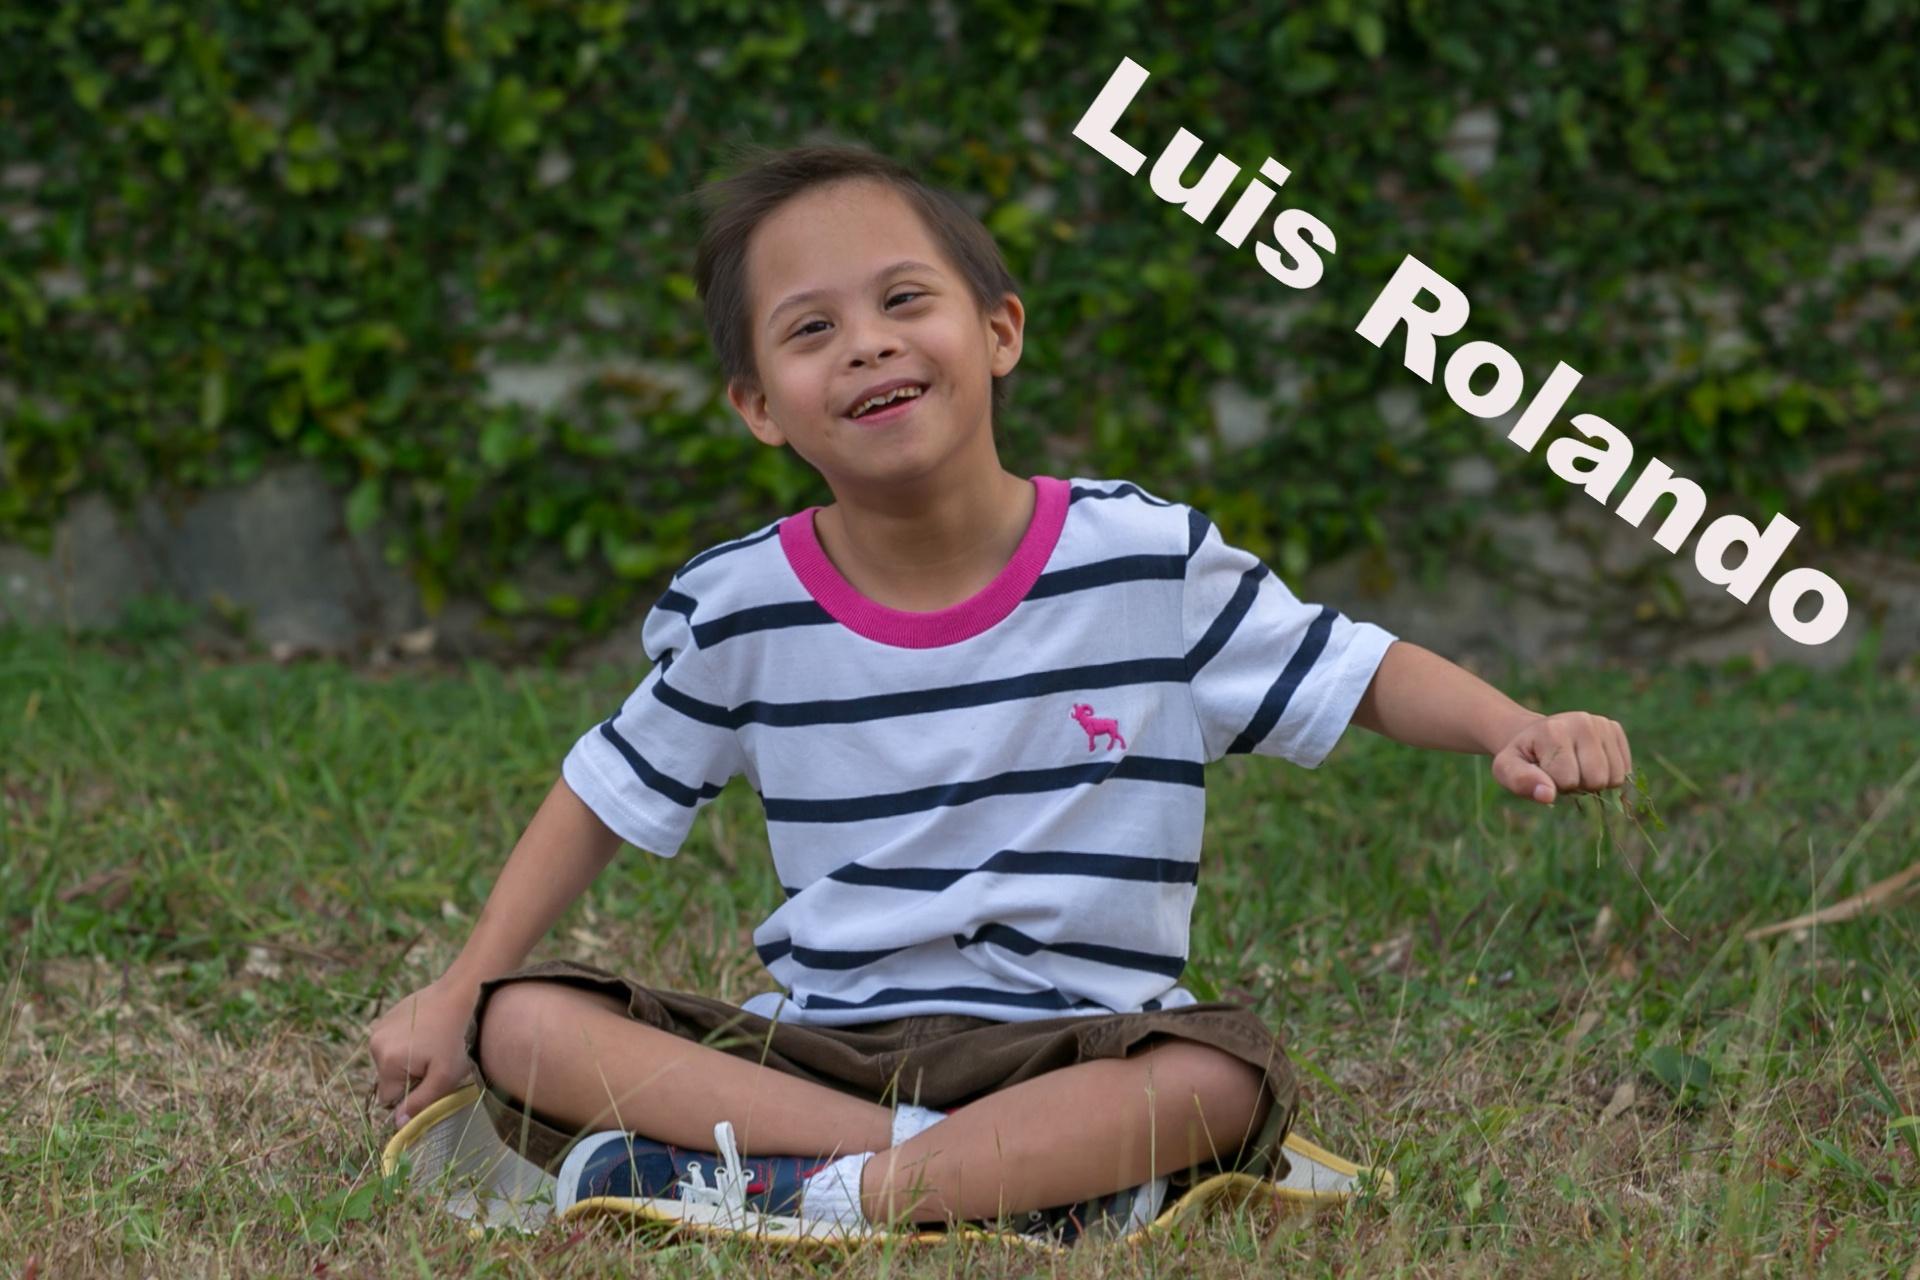 Luis Rolando